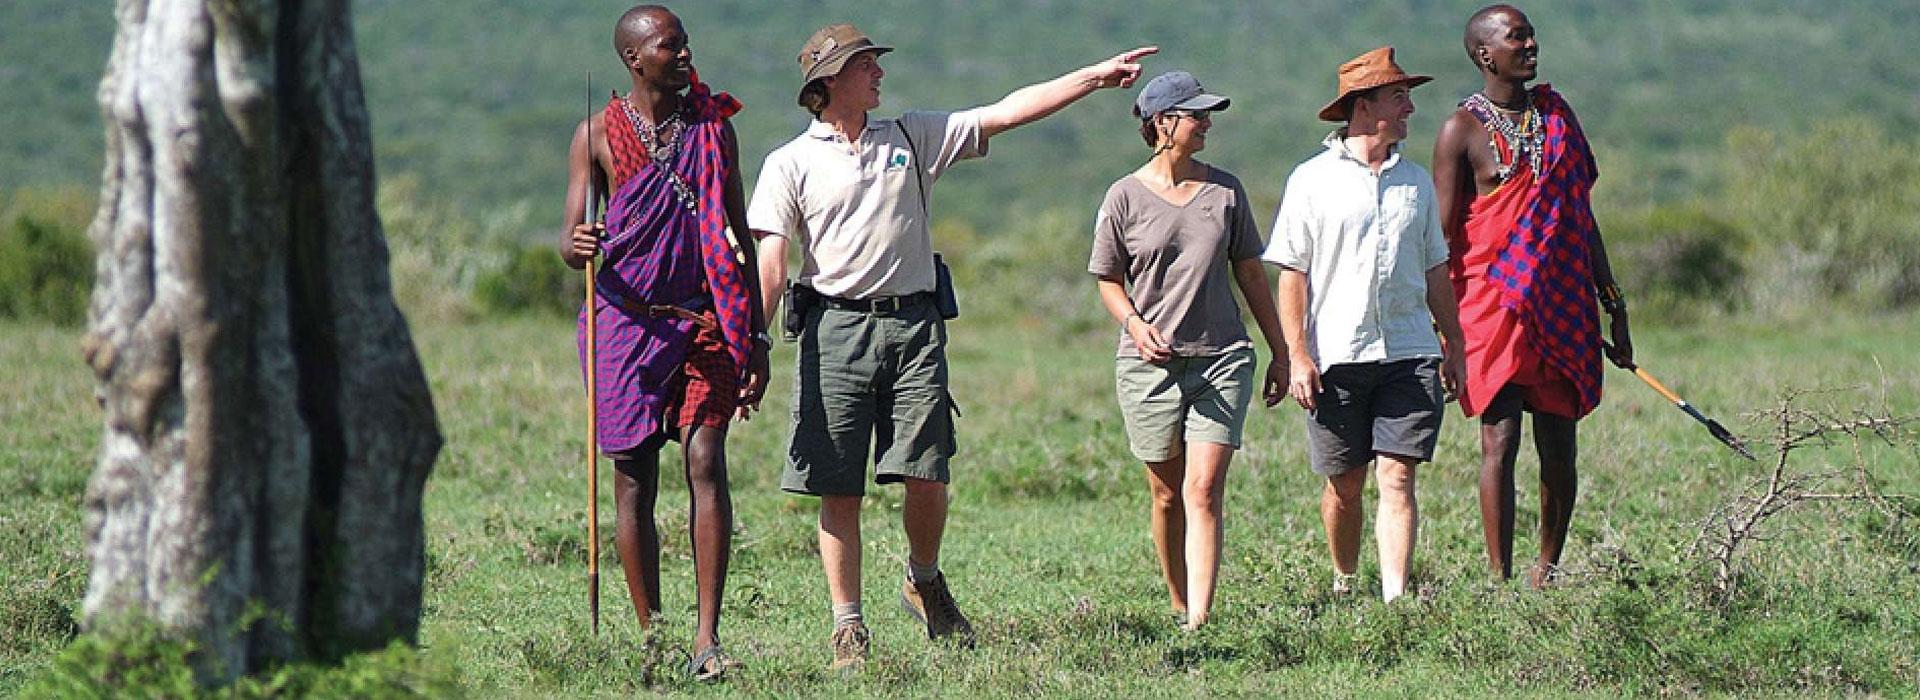 Kenya Safari Guide